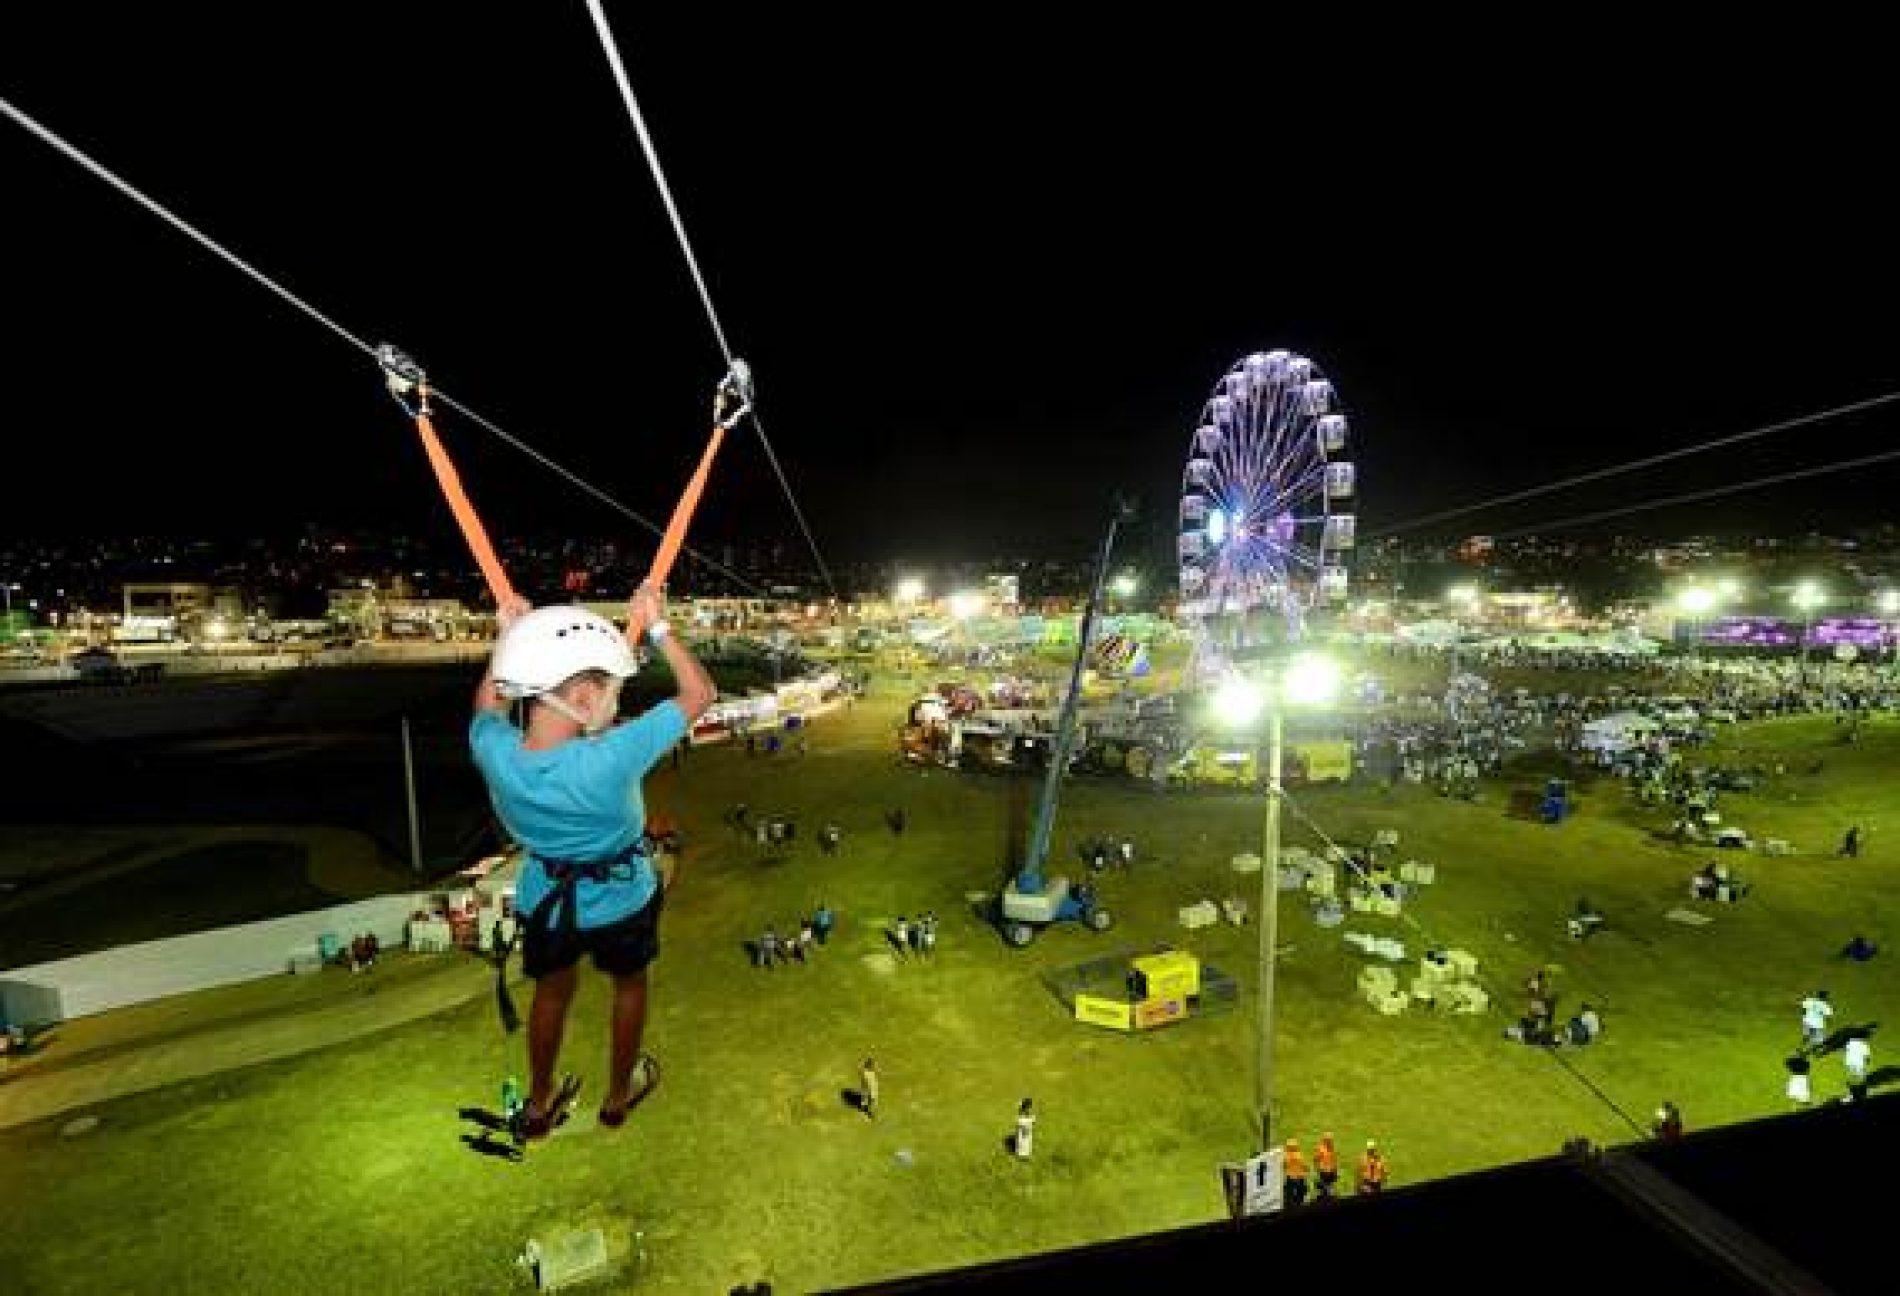 Tirolesa atrai de 90 pessoas por hora no Festival Virada Salvador